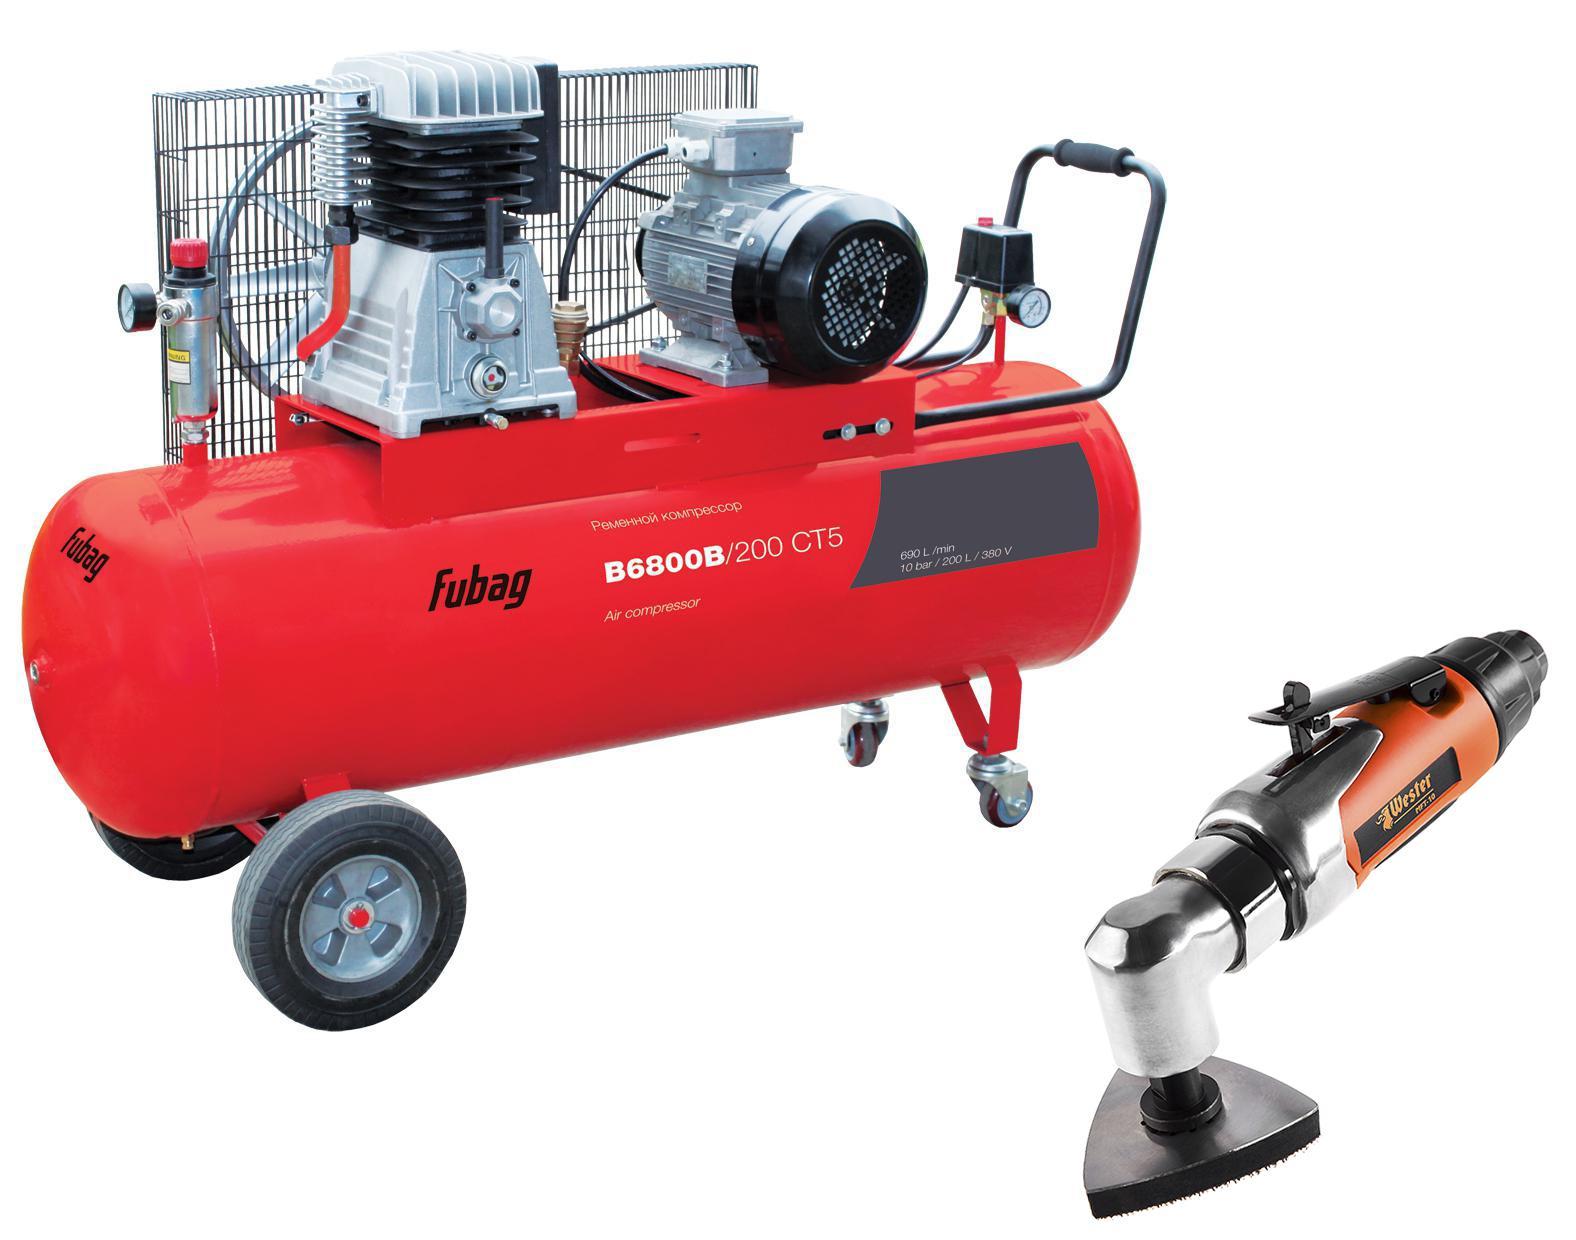 цена на Набор Fubag Компрессор b6800b/200 СТ5 +Инструмент многофункциональный mft-10